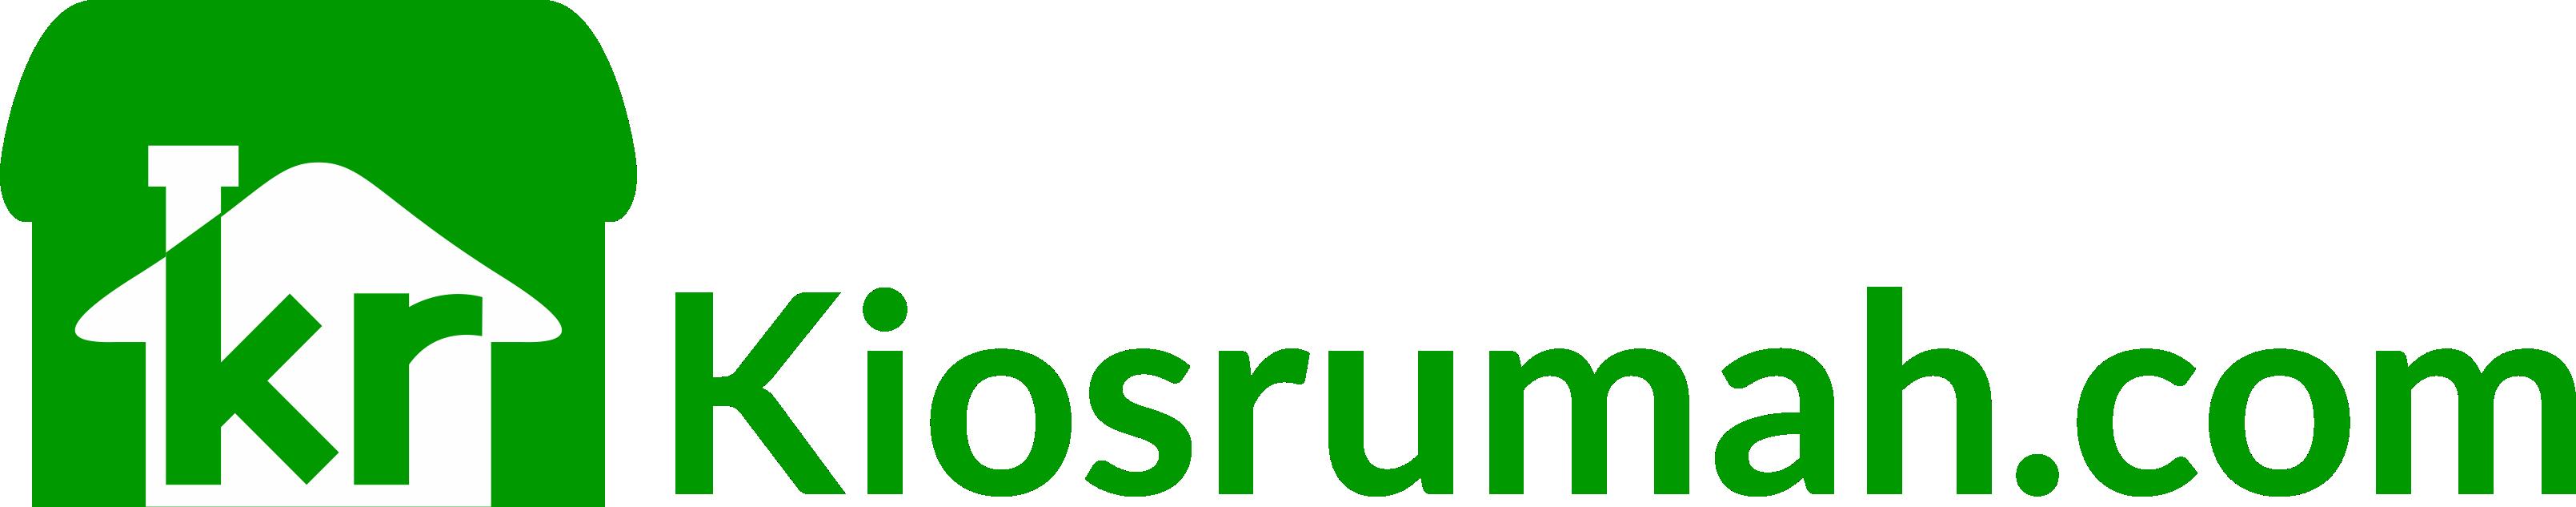 Kiosrumah.com